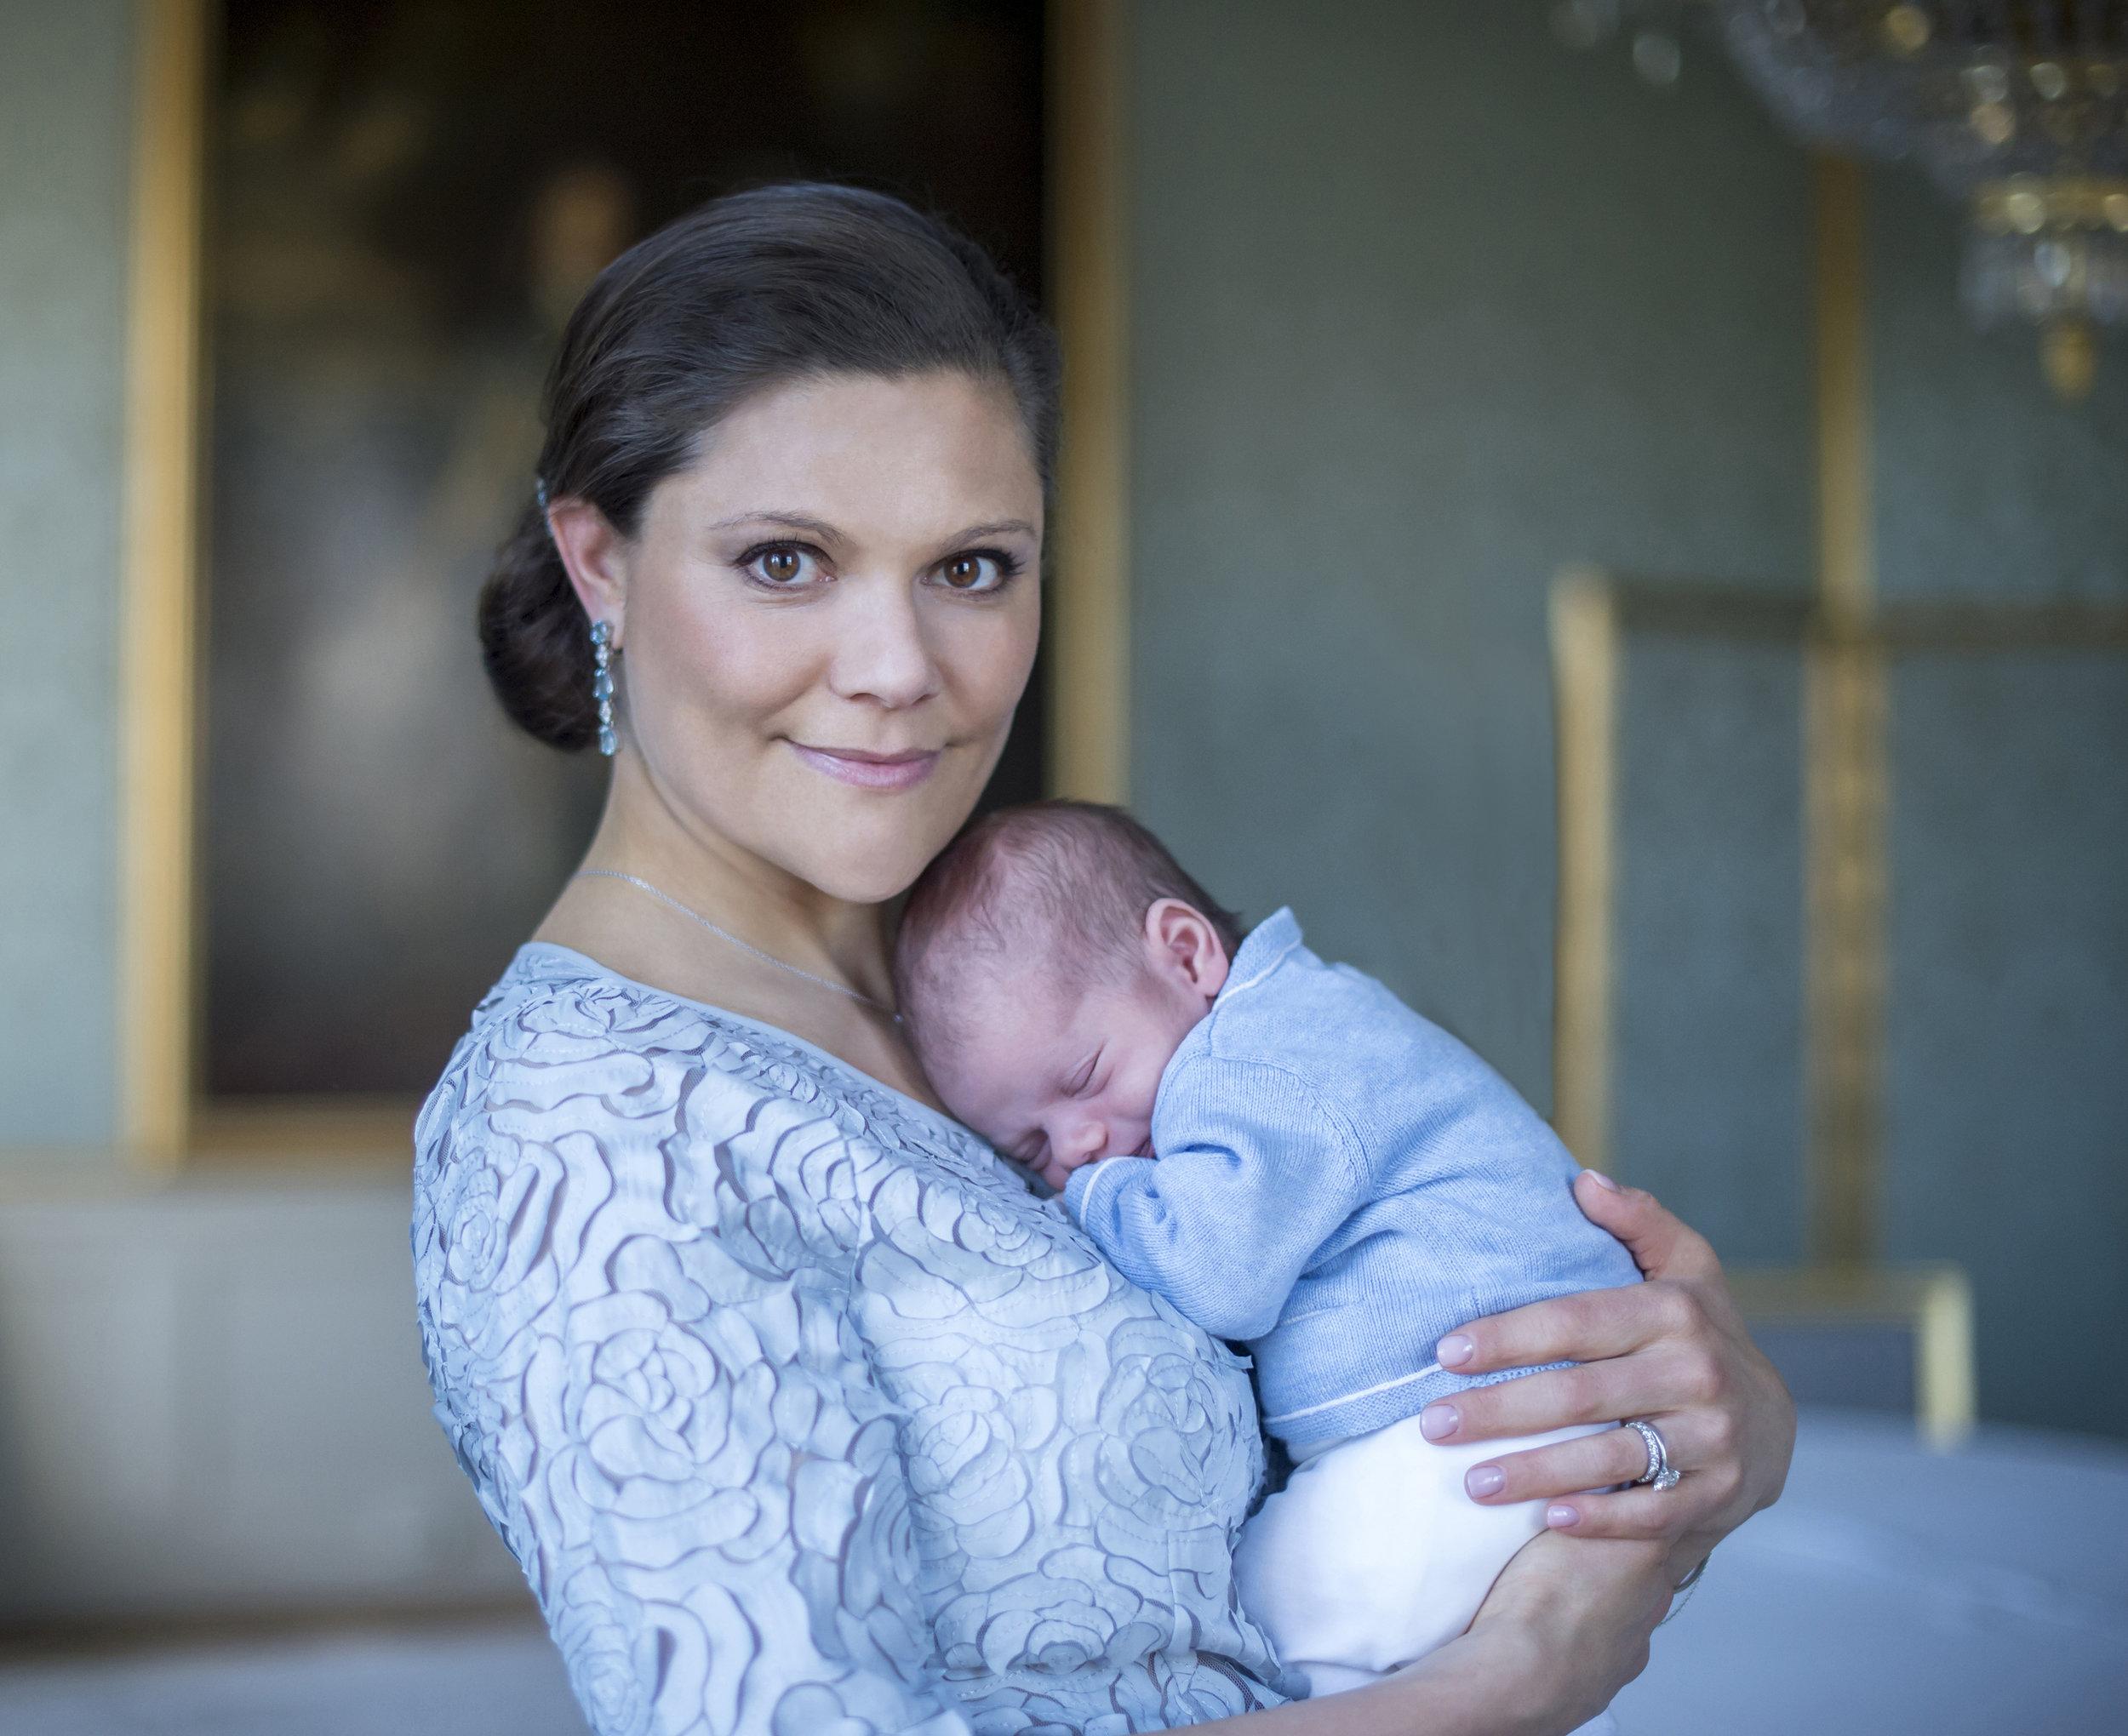 Kronprinzessin Victoria ist mit Leib und Seele Mutter  Foto: Kate Gabor, Kungahuset.se